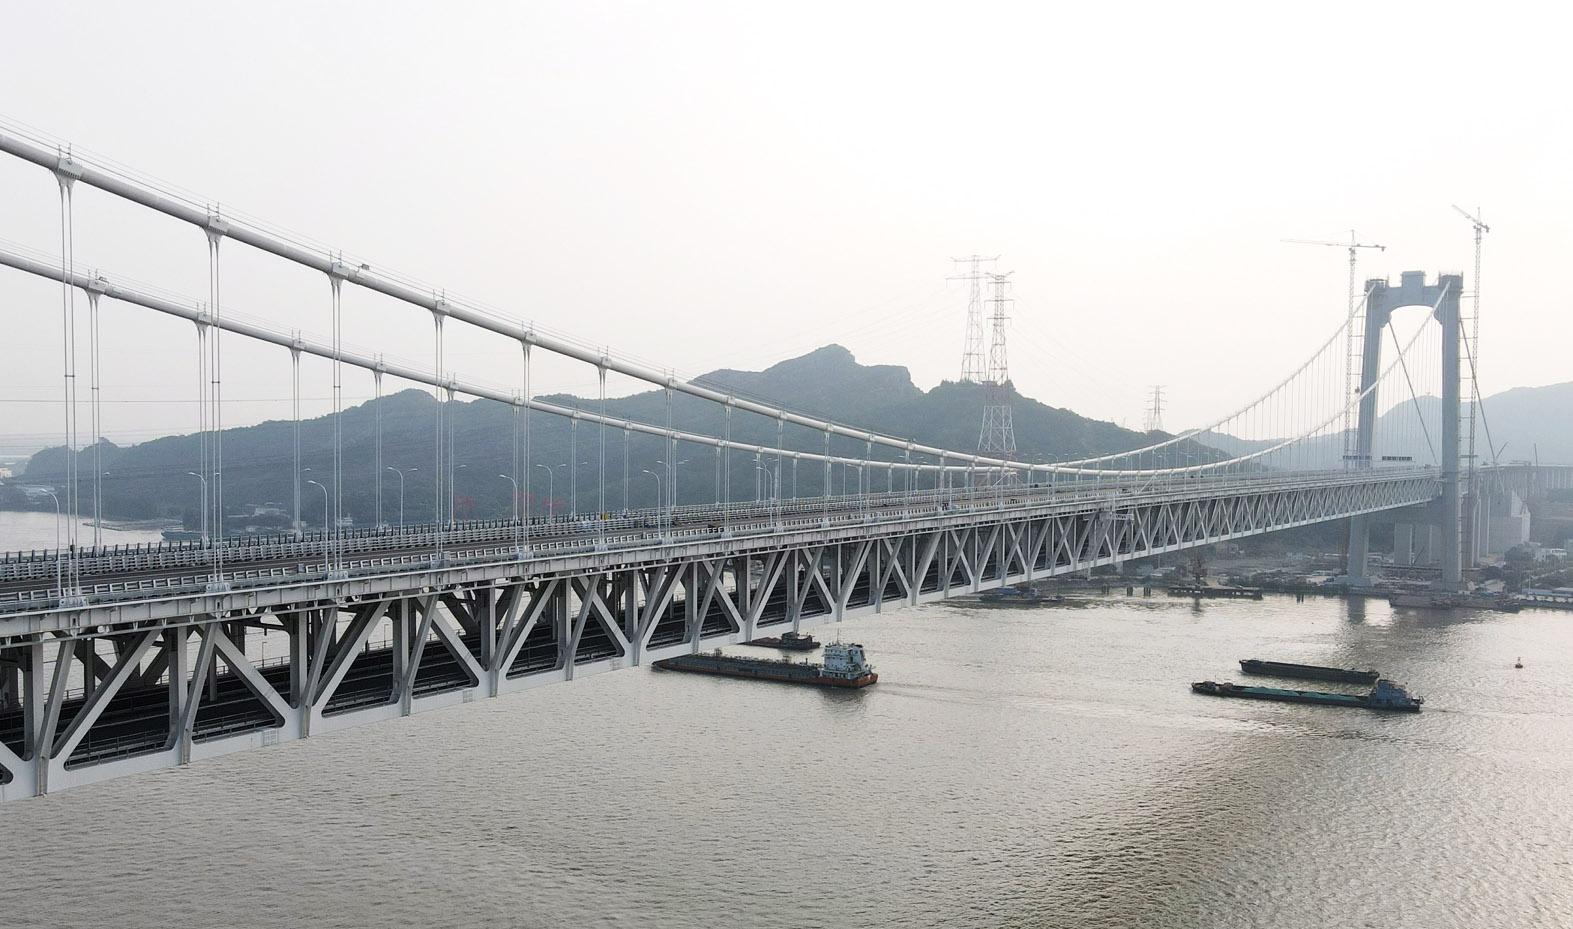 央媒聚焦五峰山长江大桥建设 一桥飞架南北静候高铁开通